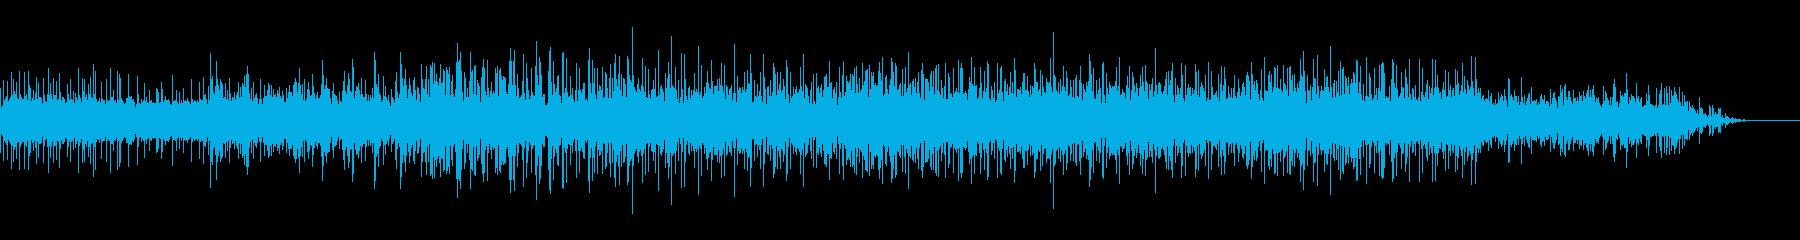 ビープ音の湿ったテクスチャIDMの再生済みの波形